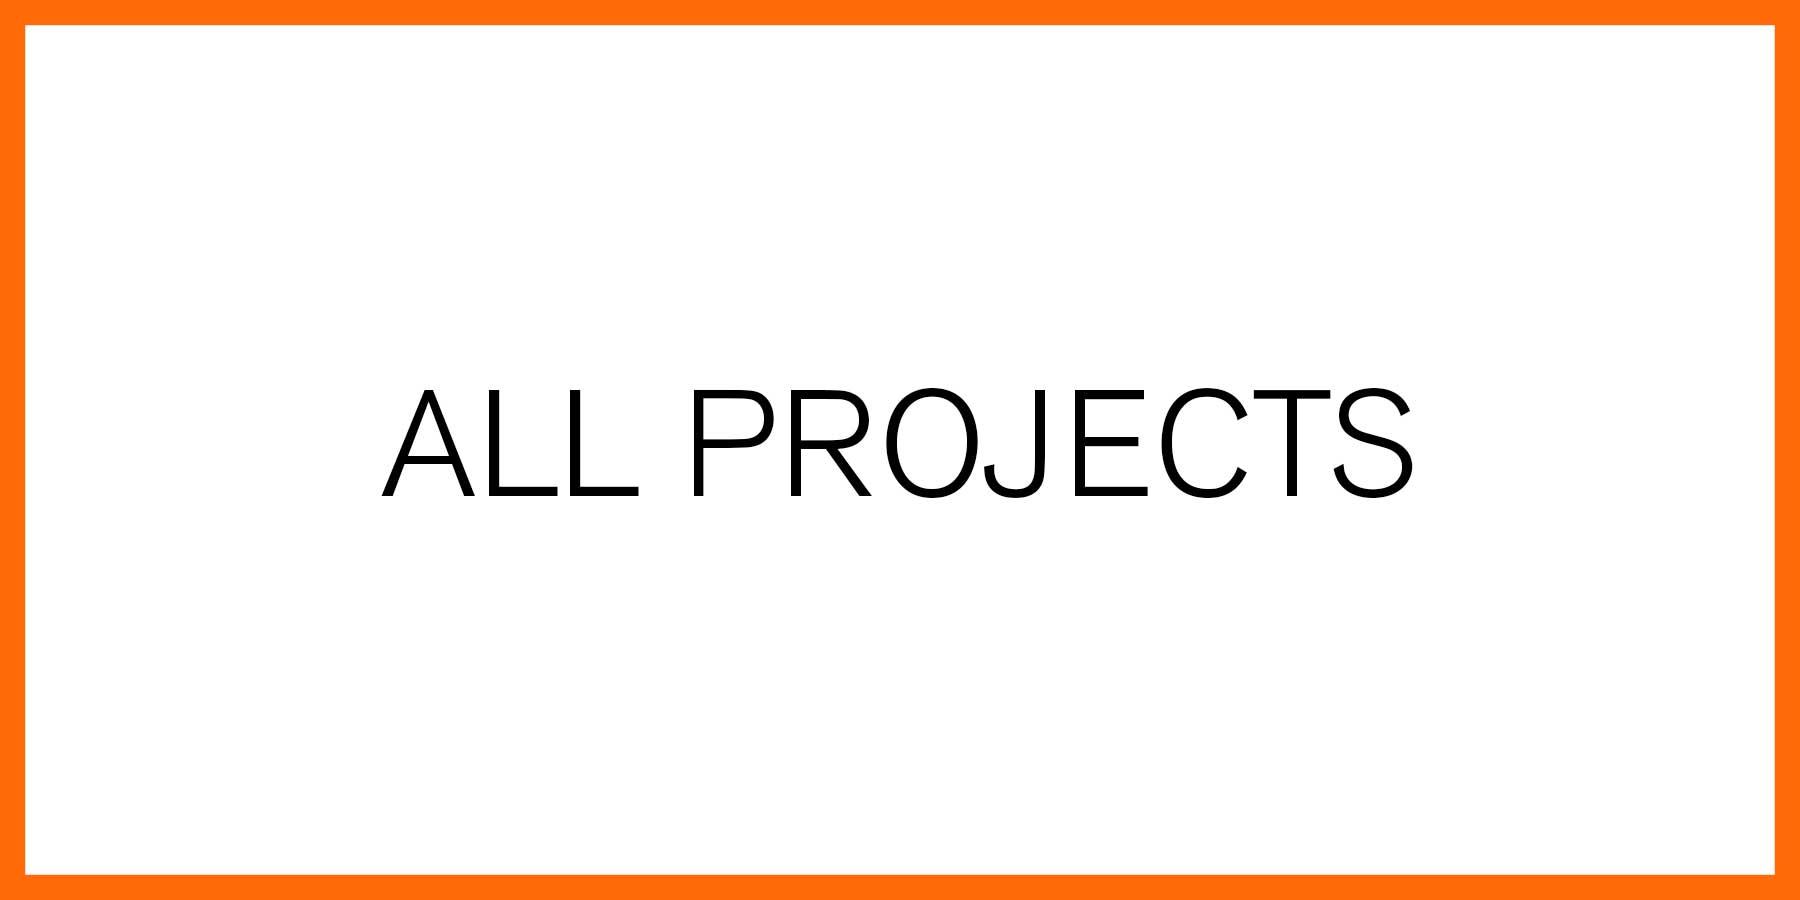 allprojectshighlight.jpg